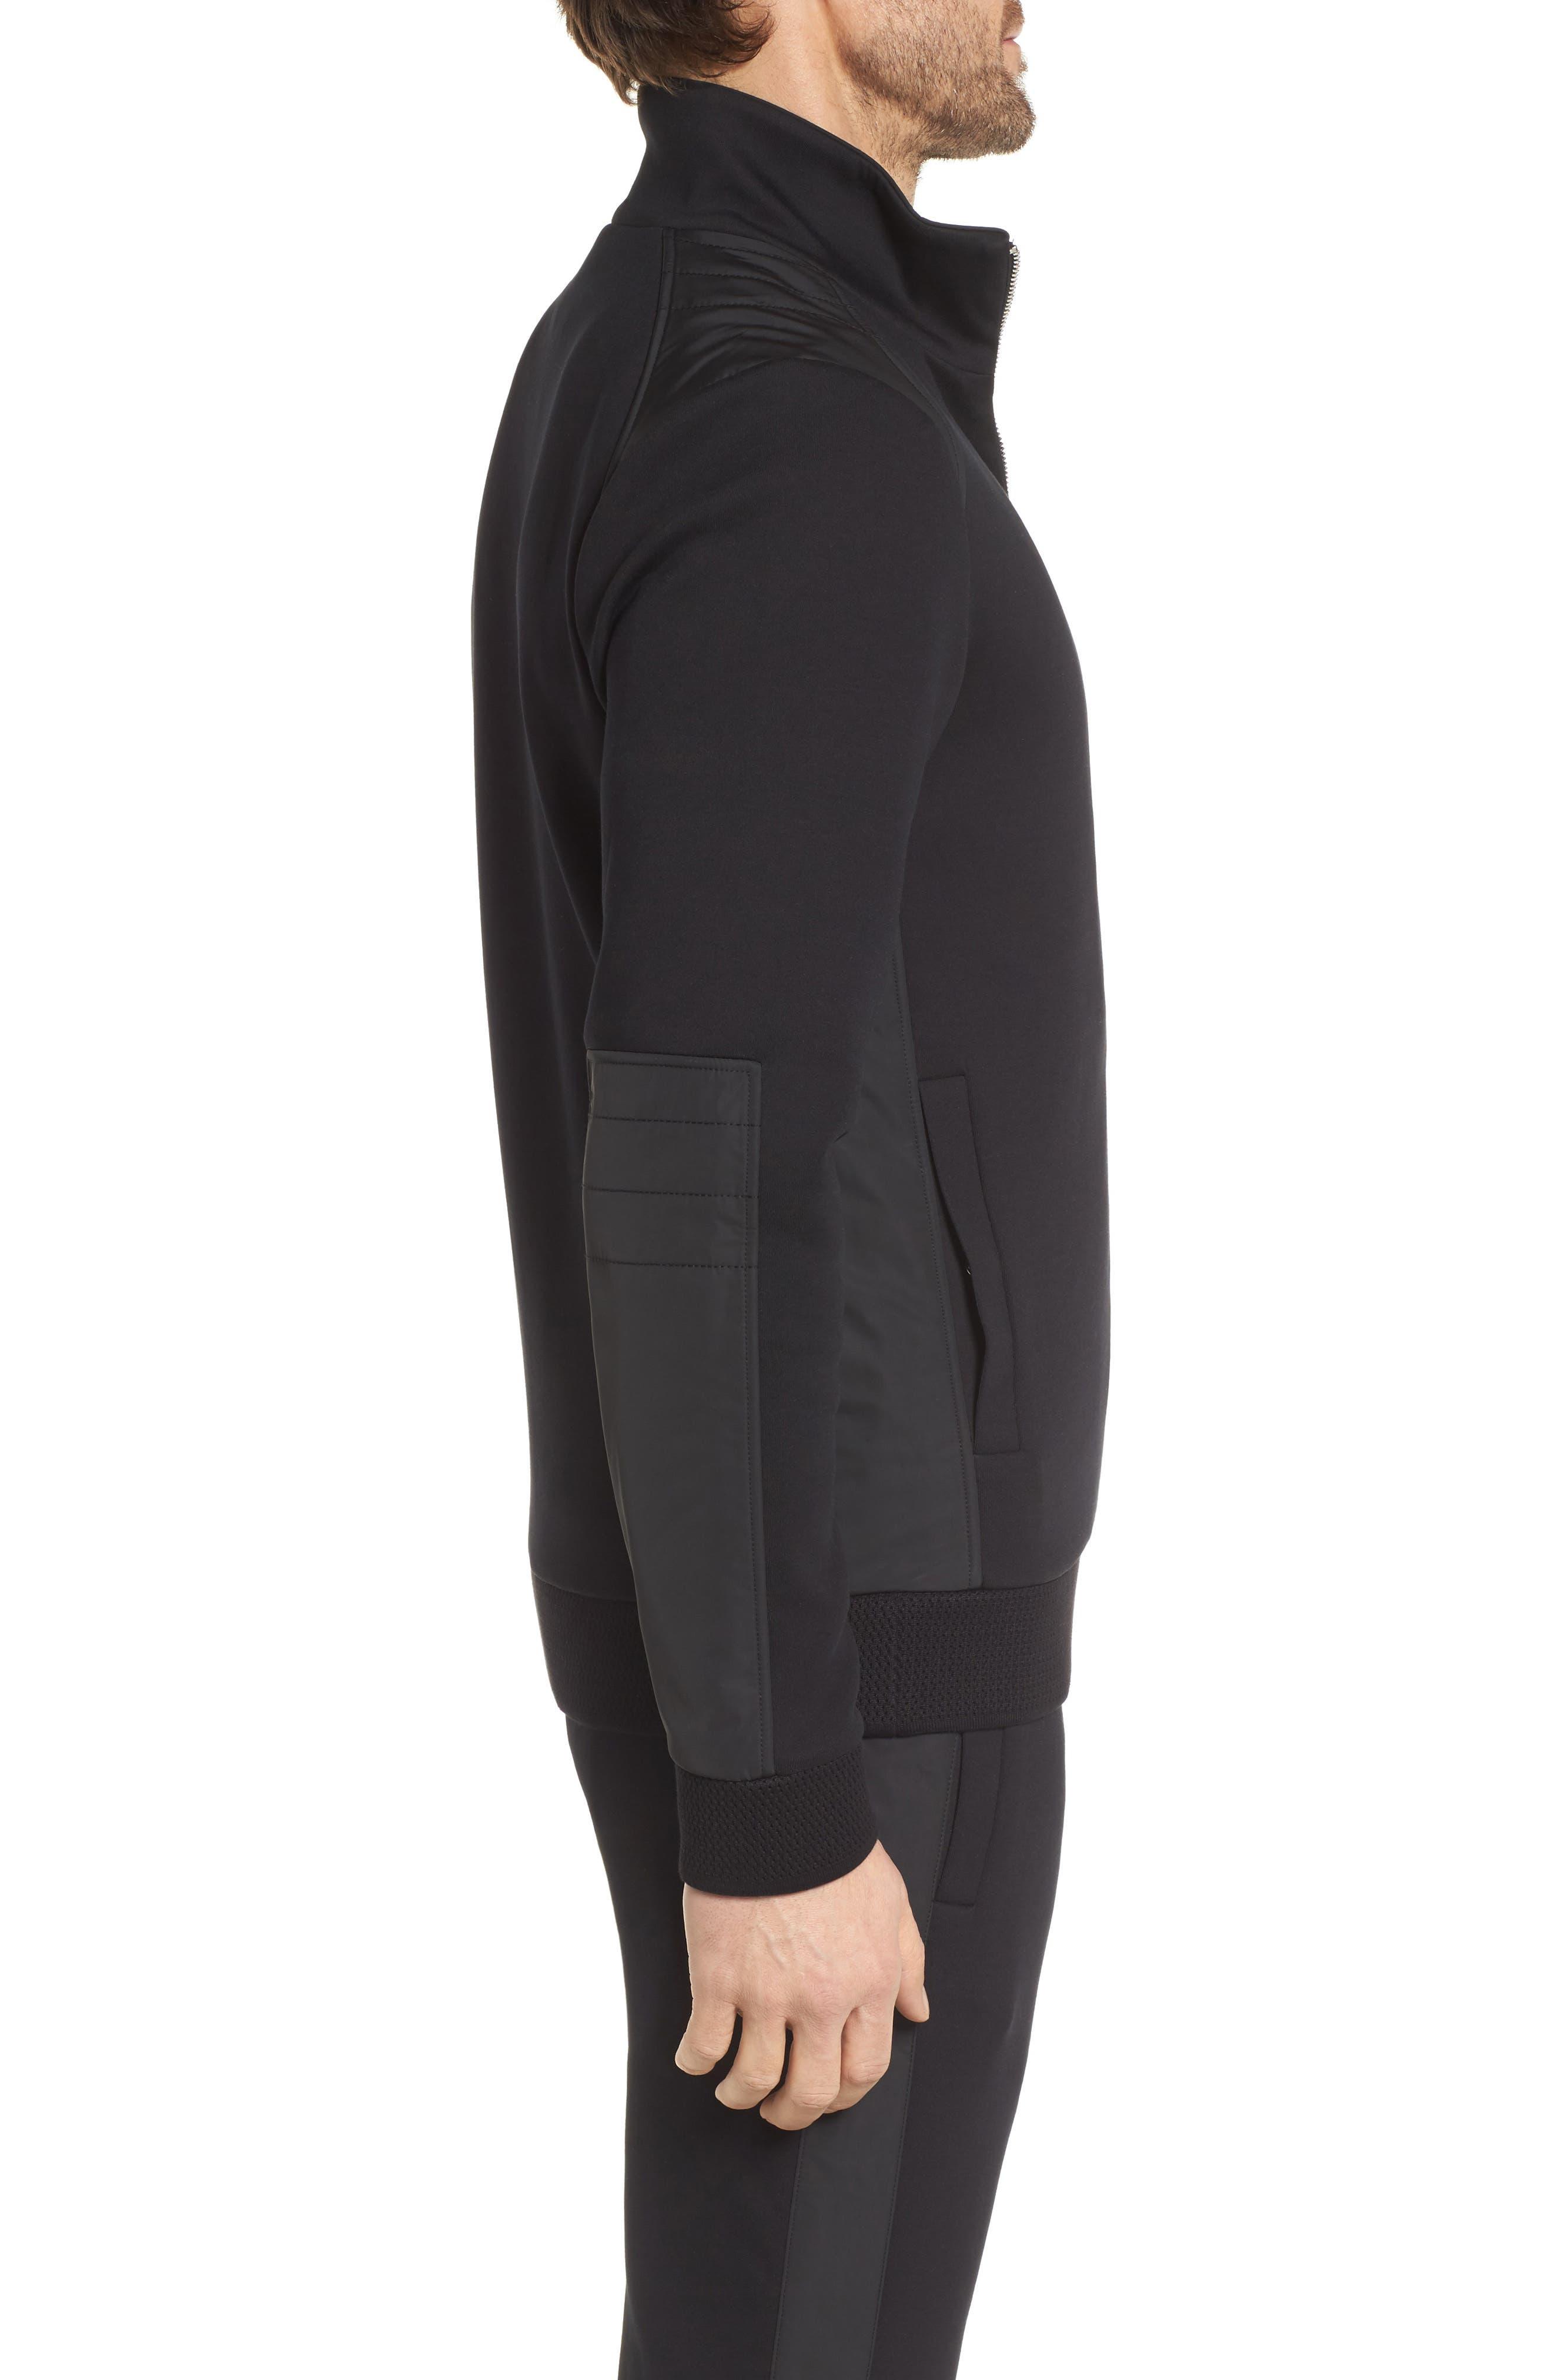 Soule Mercedes Slim Fit Zip Jacket,                             Alternate thumbnail 3, color,                             001